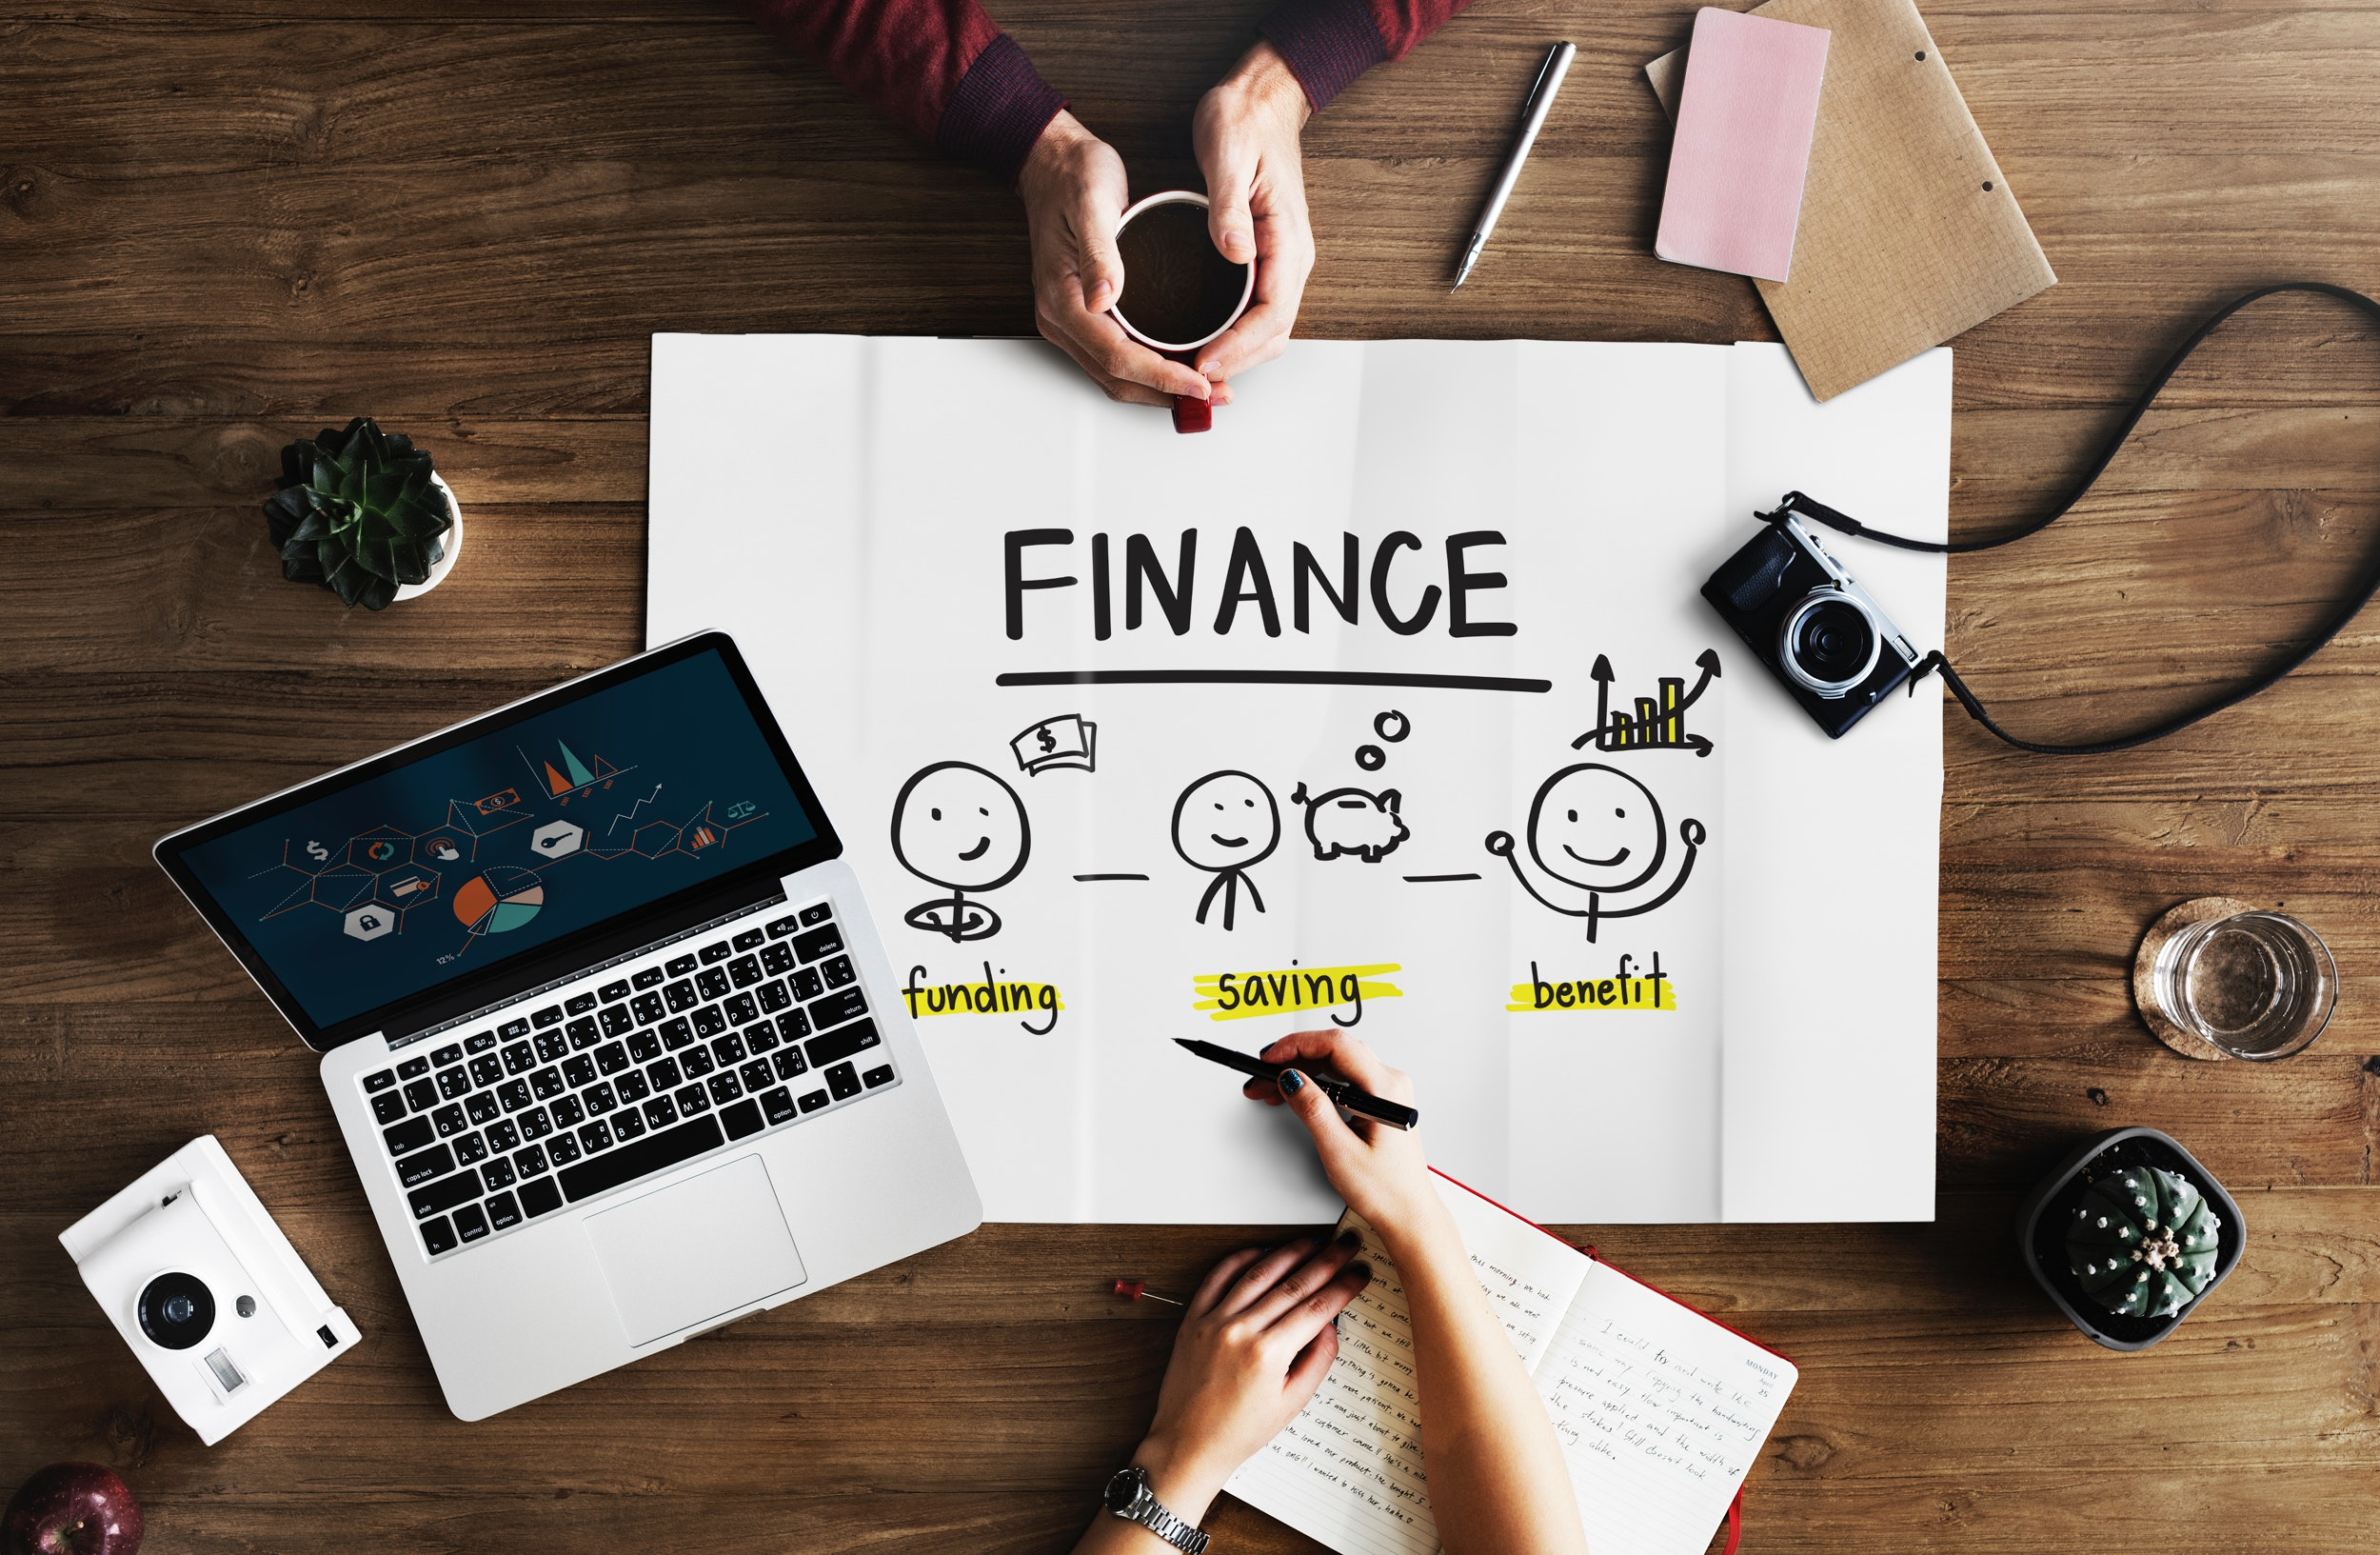 科技券融資